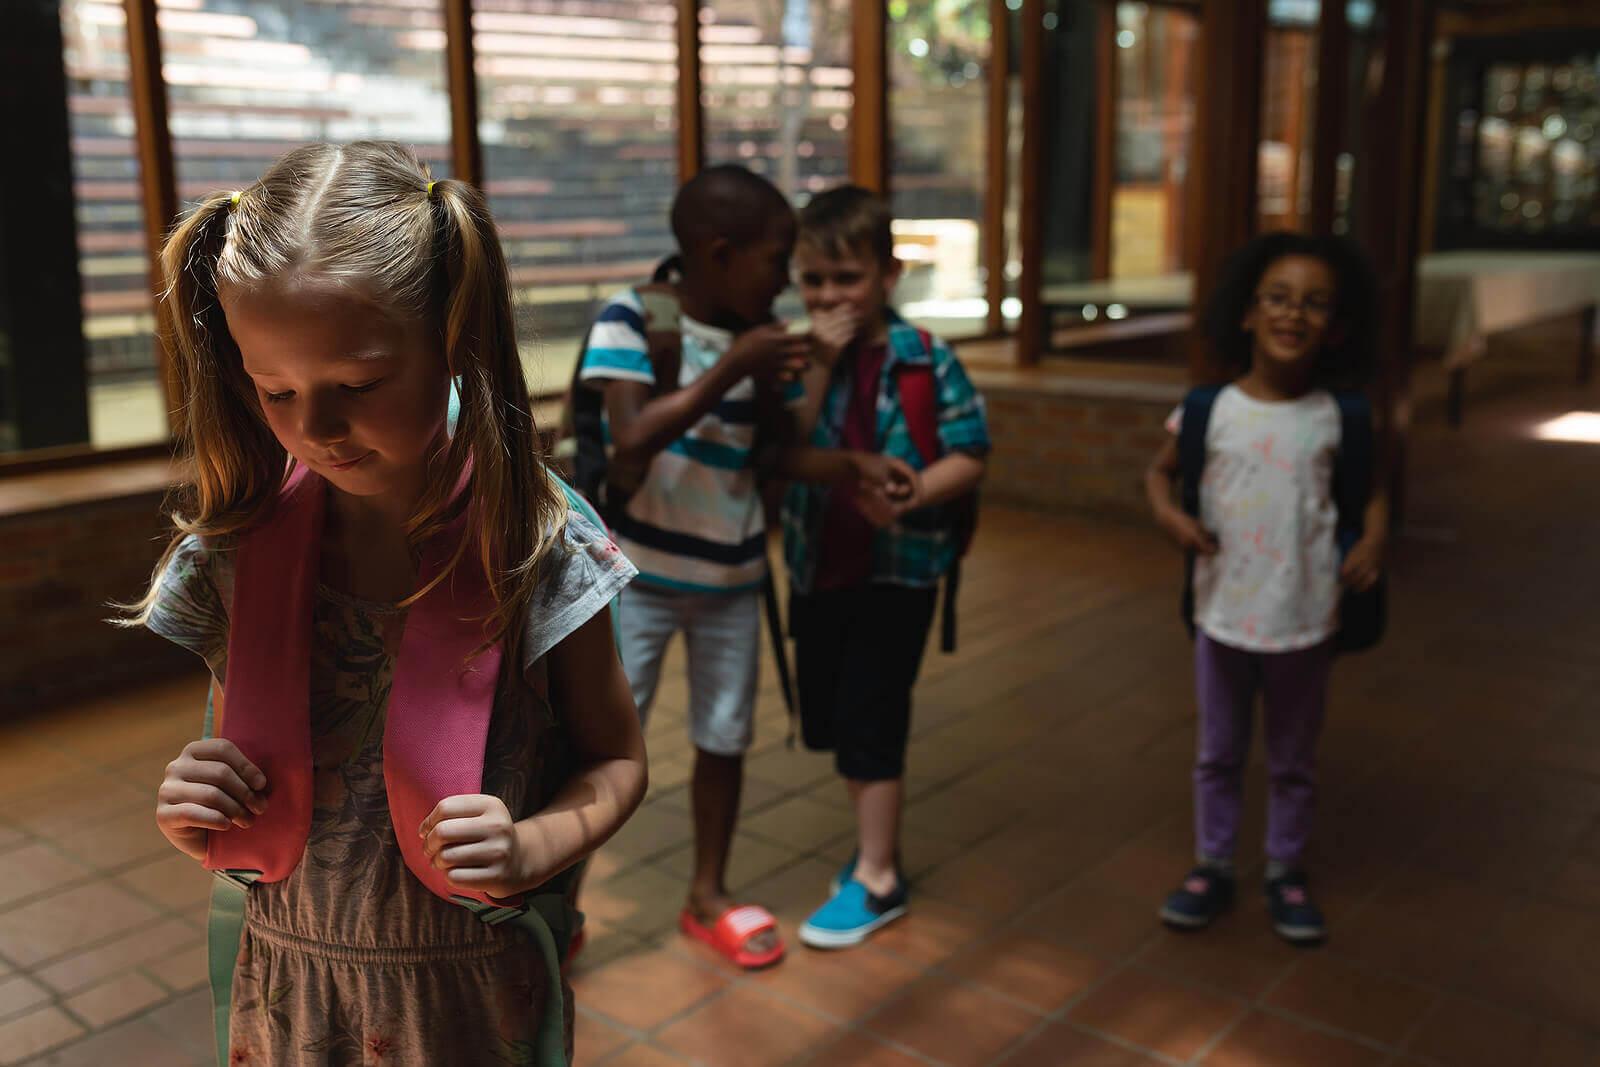 Prevenir o bullying: uma tarefa de todos